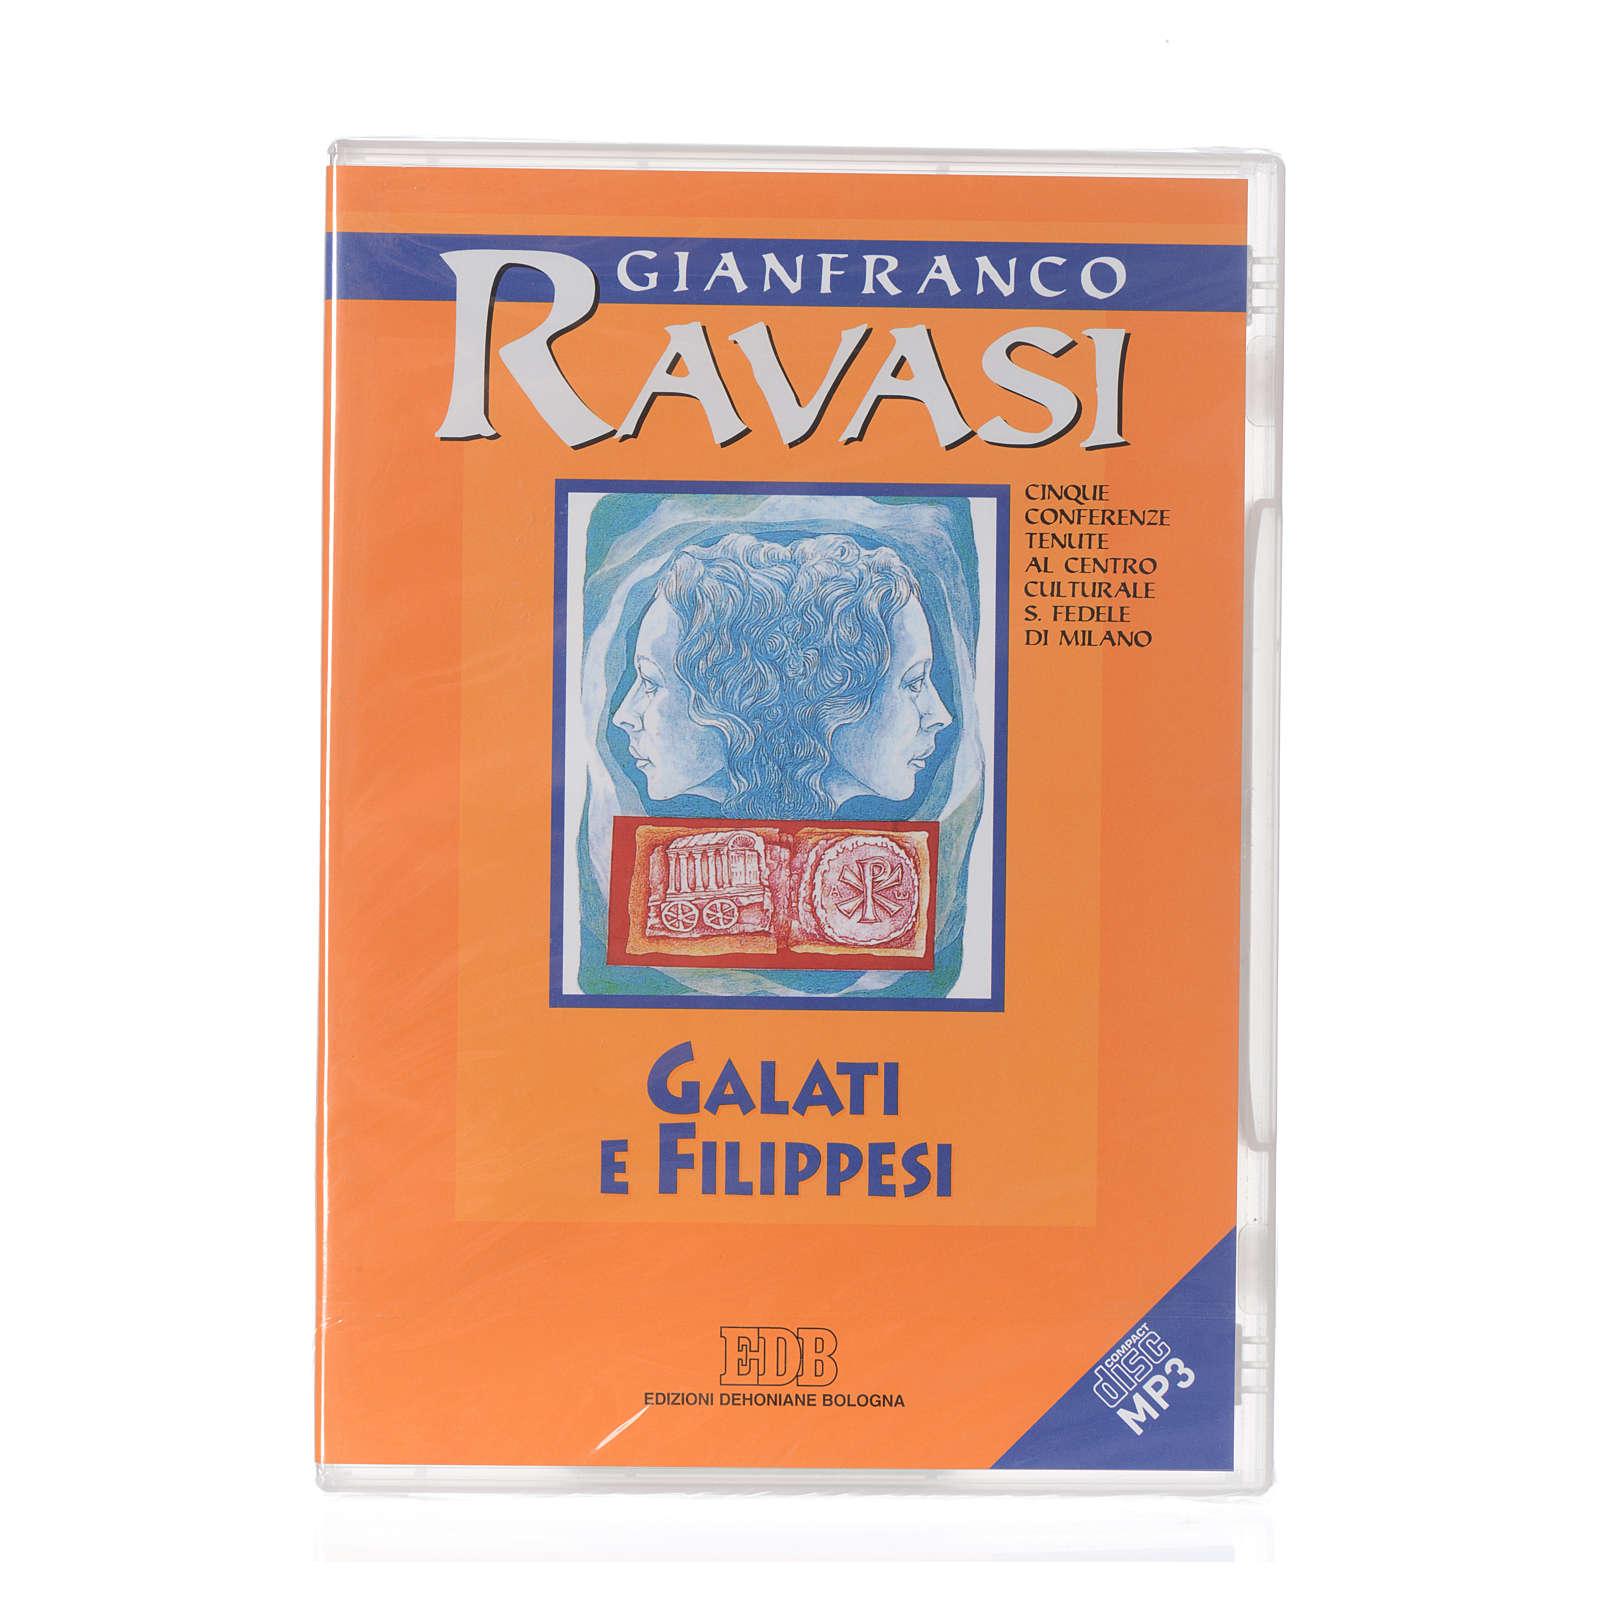 Galati e Filippesi - Cd Conferenze 4